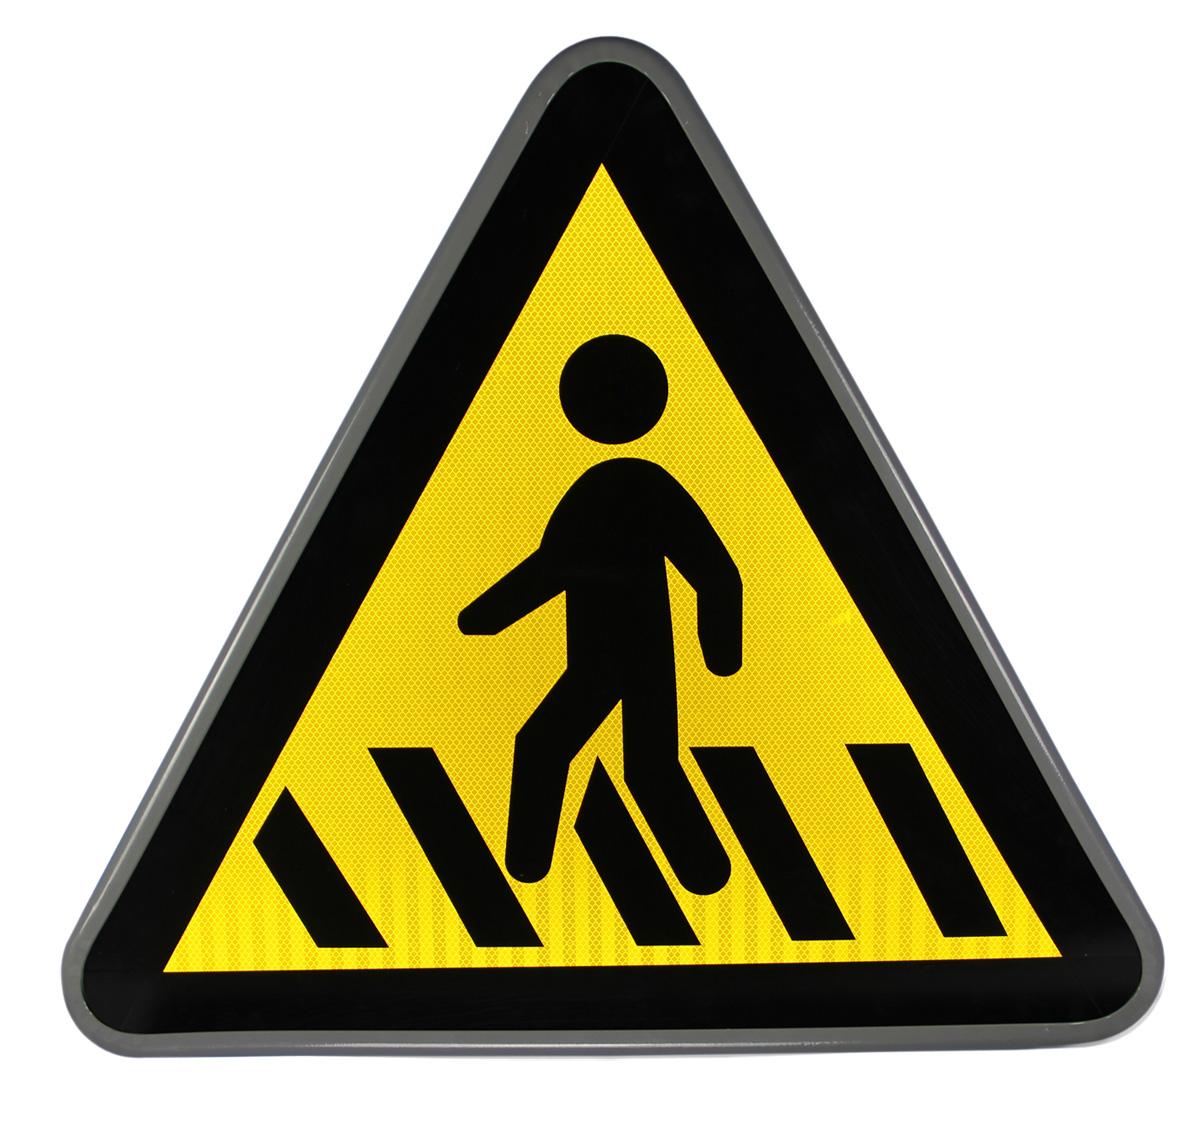 面光源系列道路交通标志牌